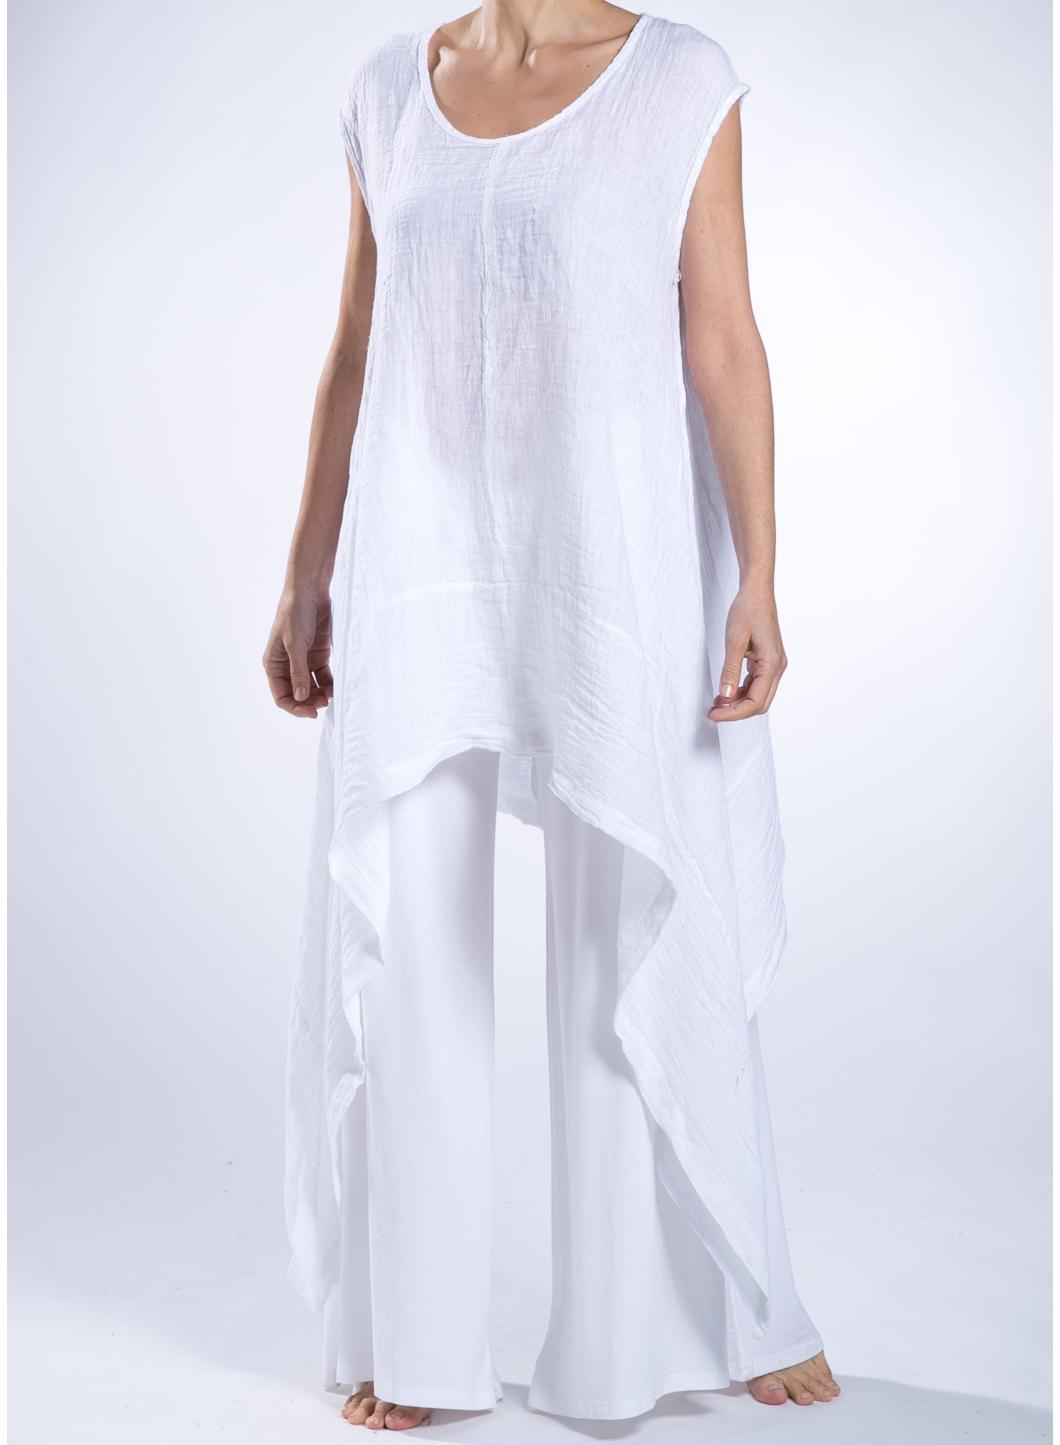 Womens Linen Sleeveless Blouse Collar Blouses